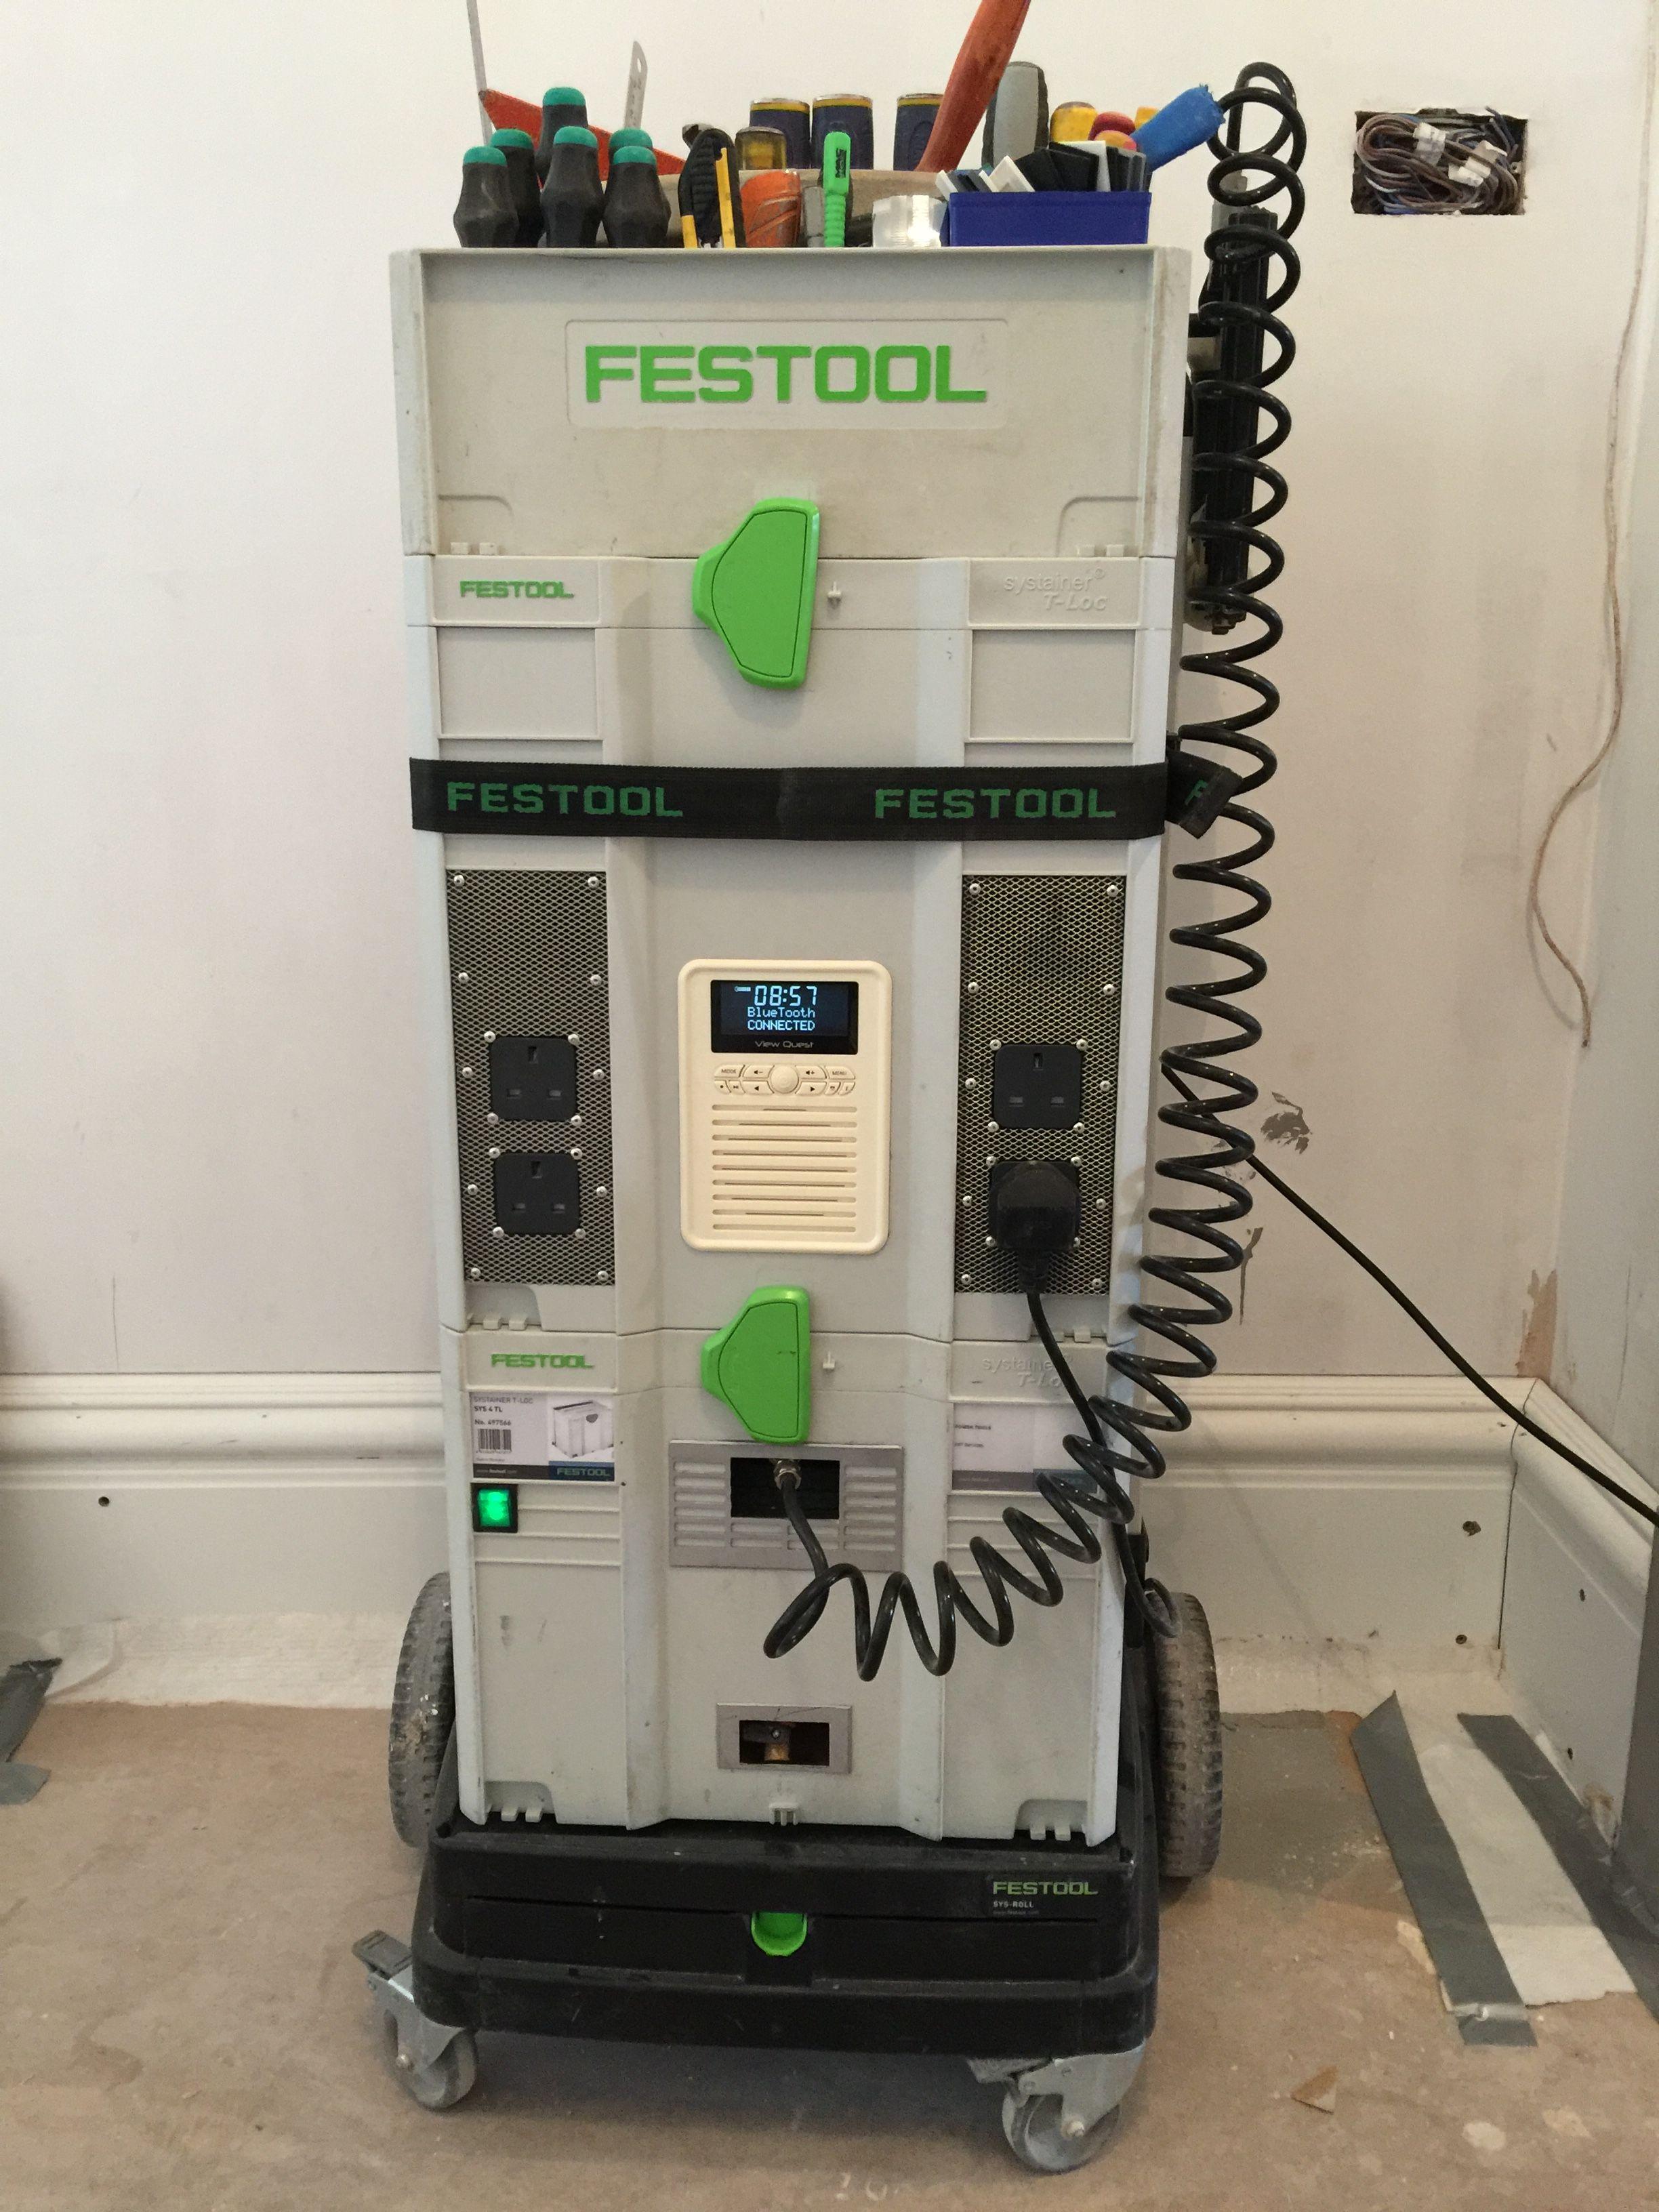 Festool Modular Compressor Sound System Festool In 2019